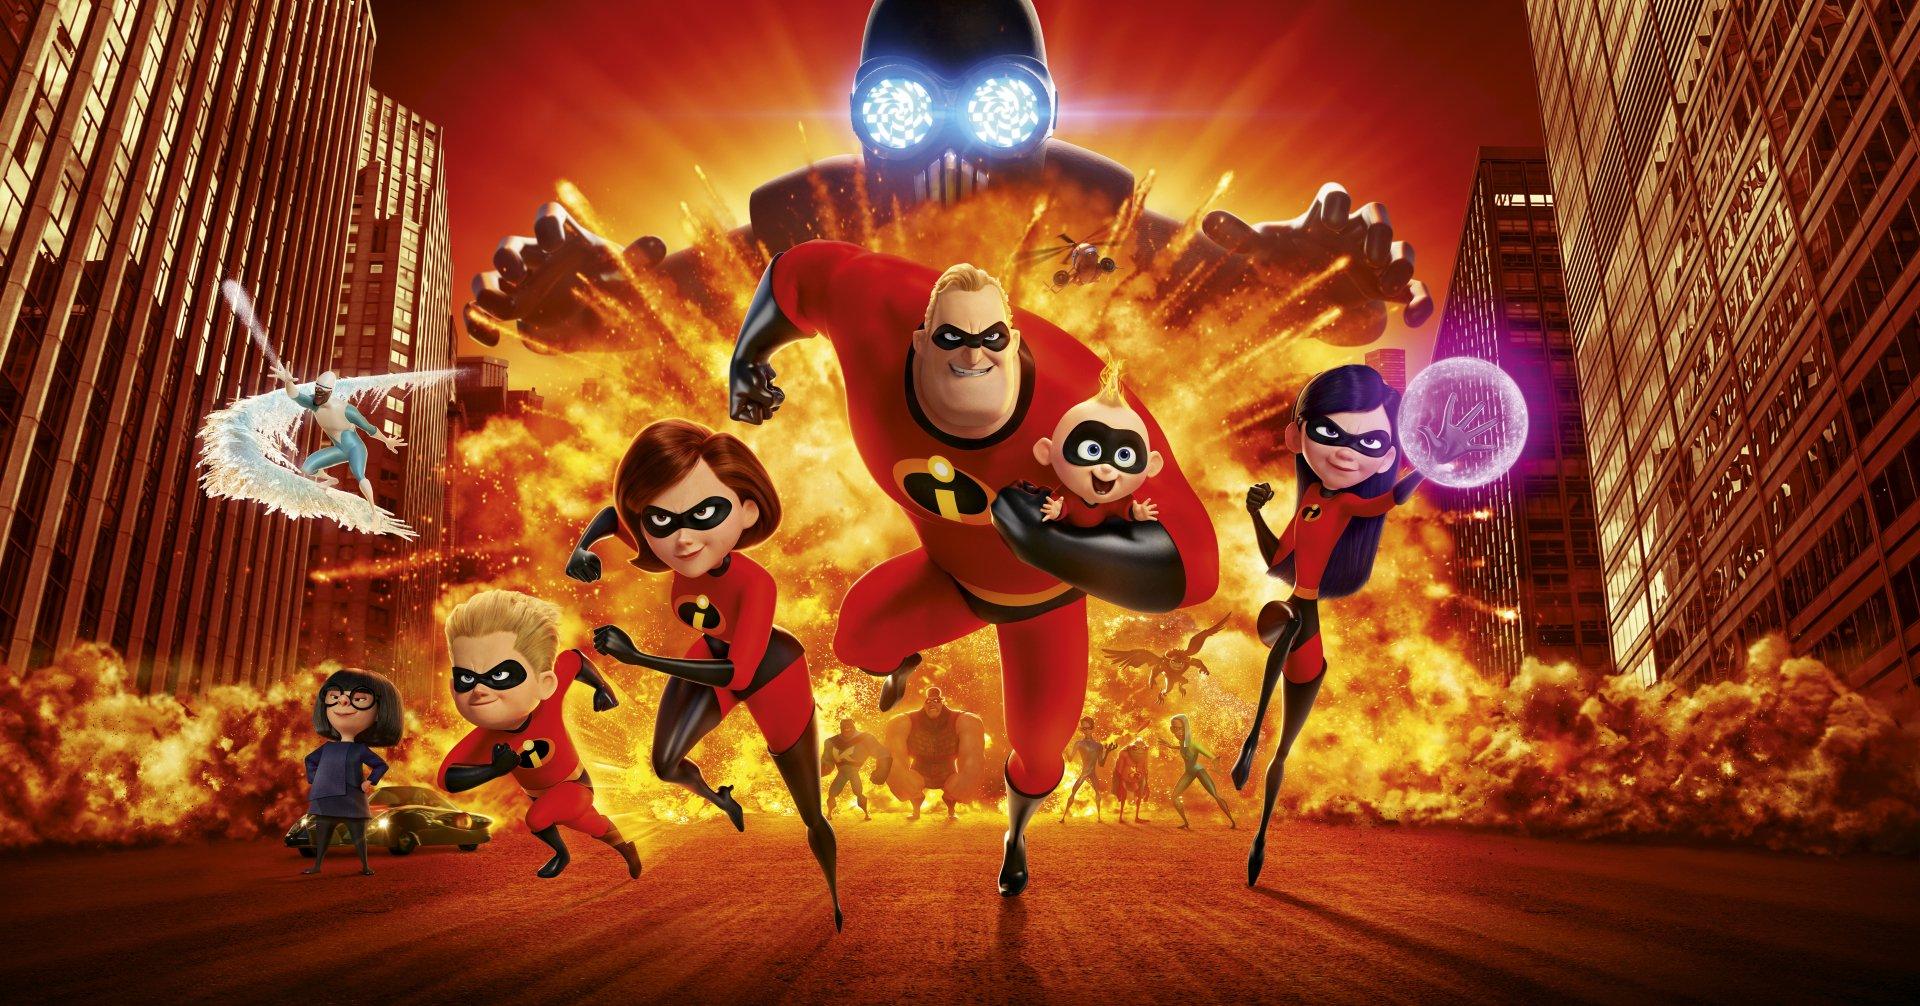 Fondos De Pantalla De Los Increibles 2, The Incredibles